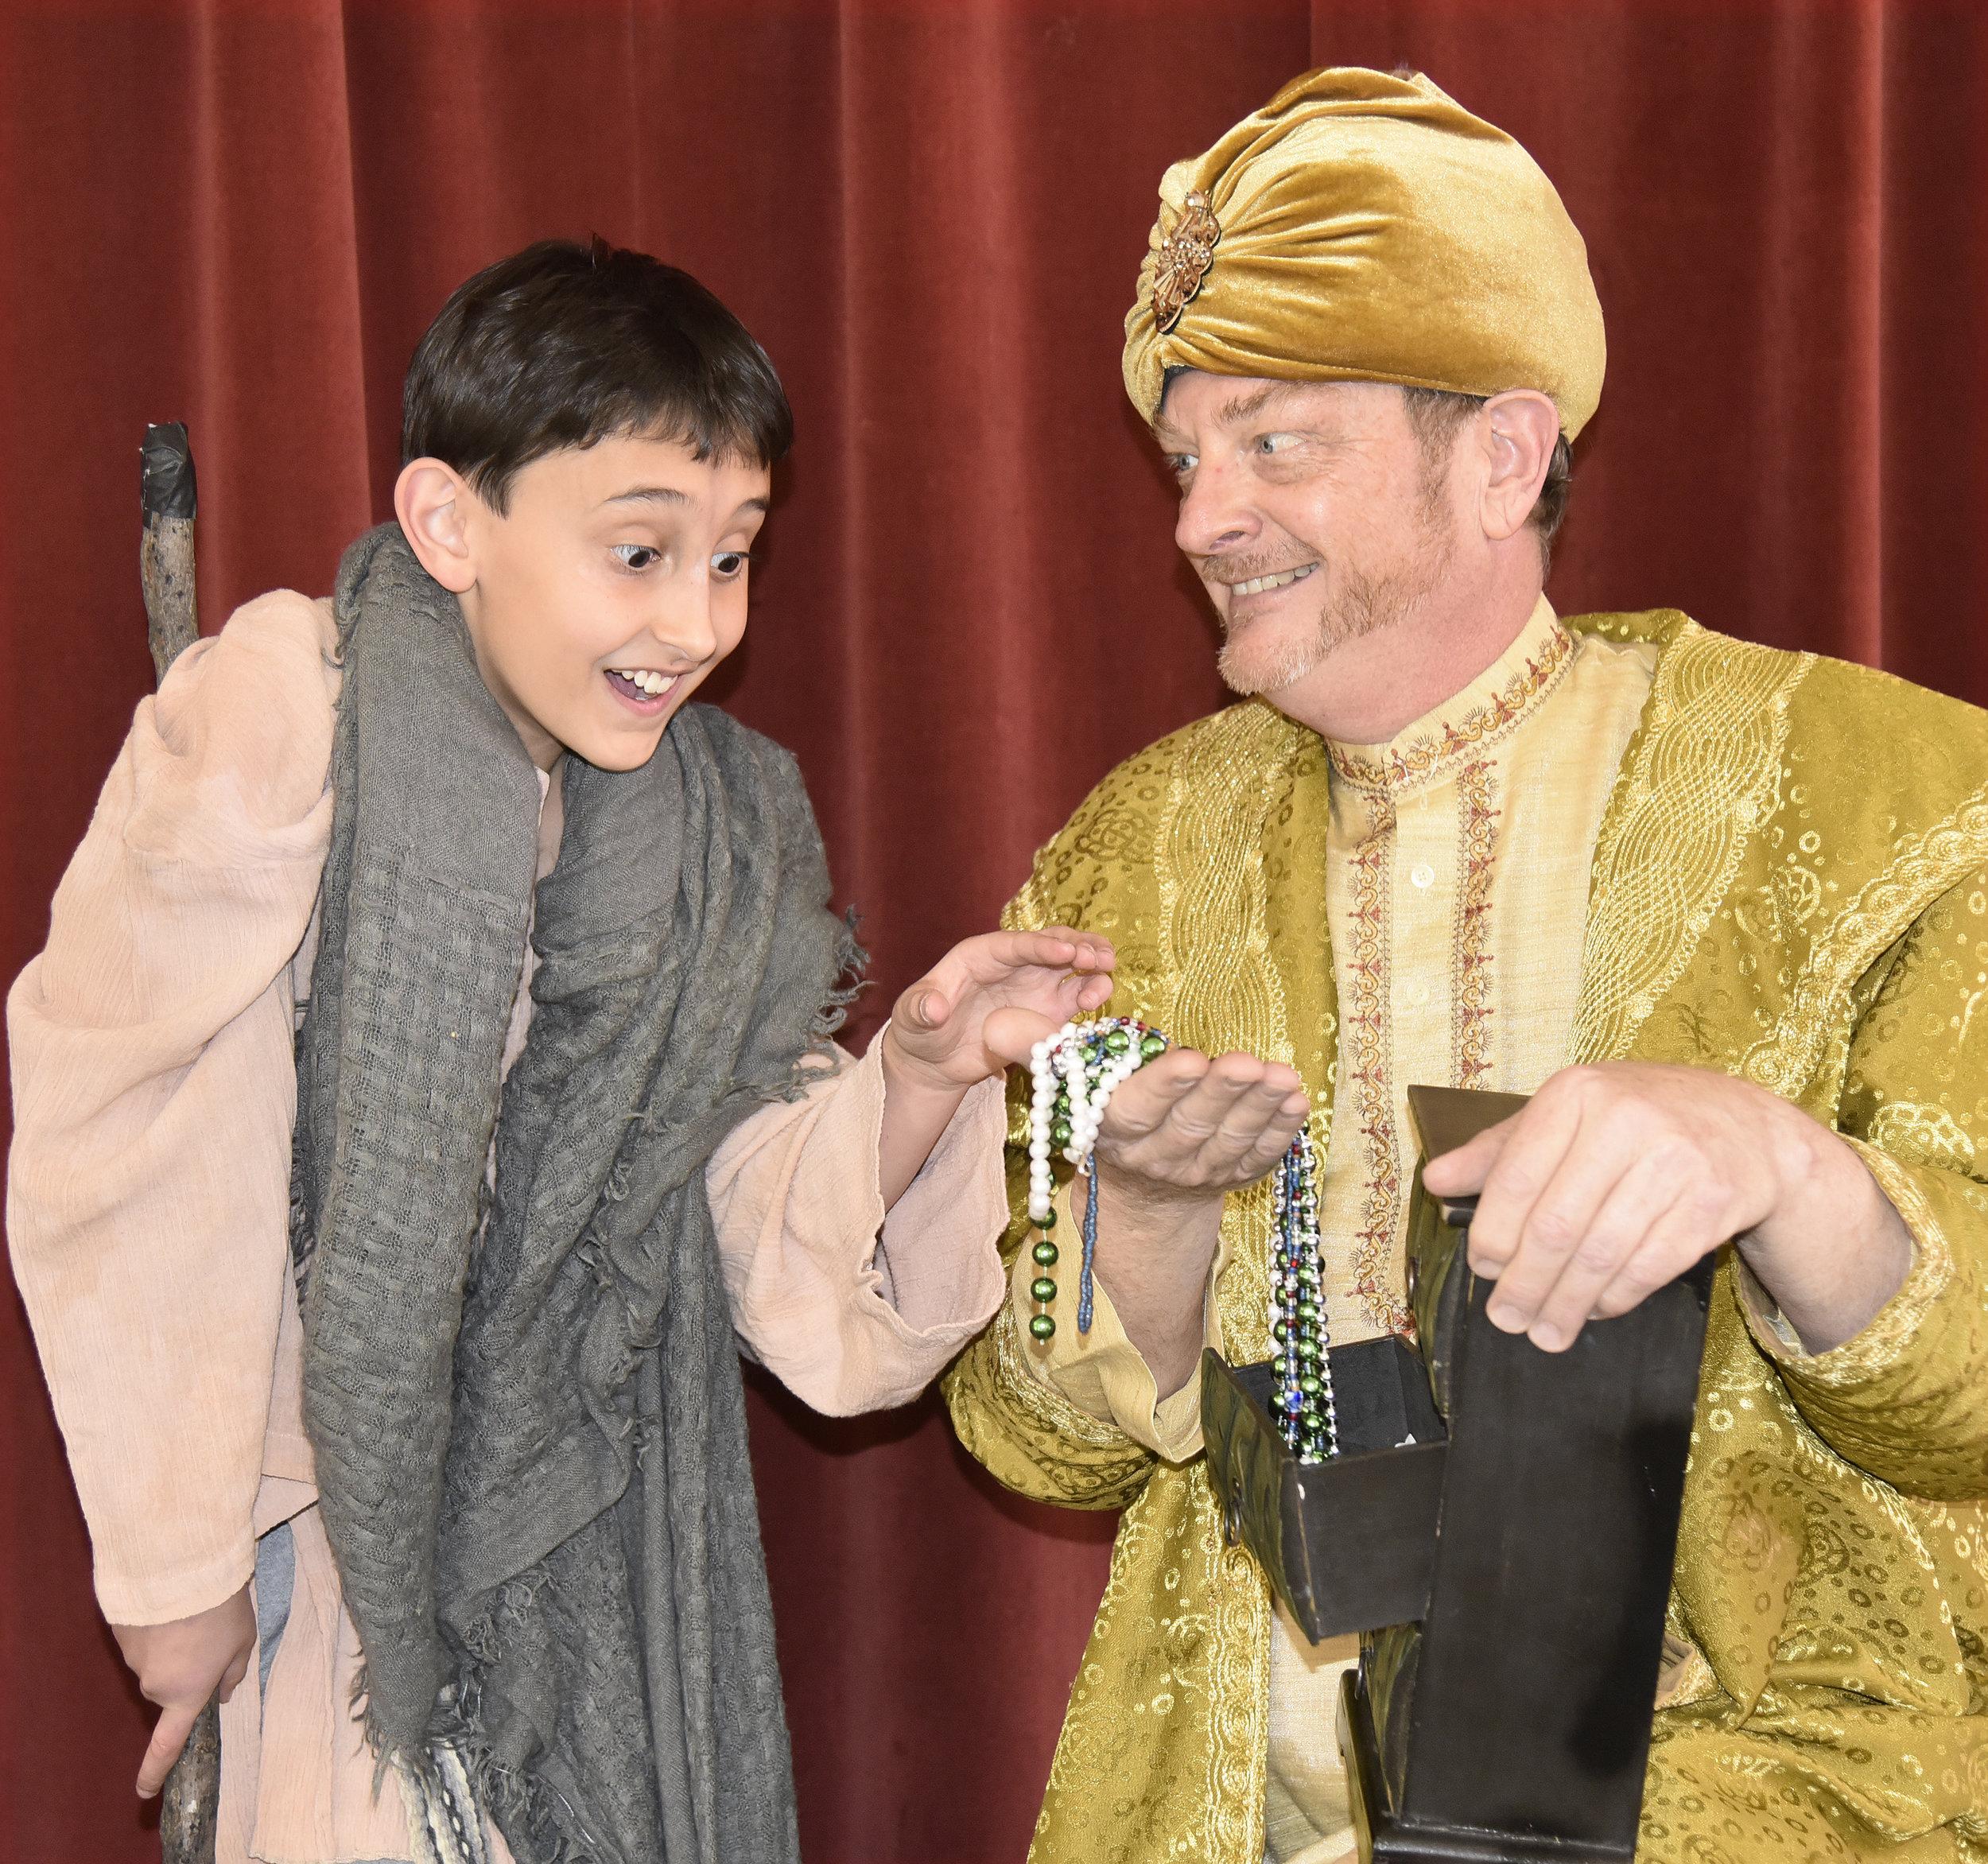 Kids and Opera